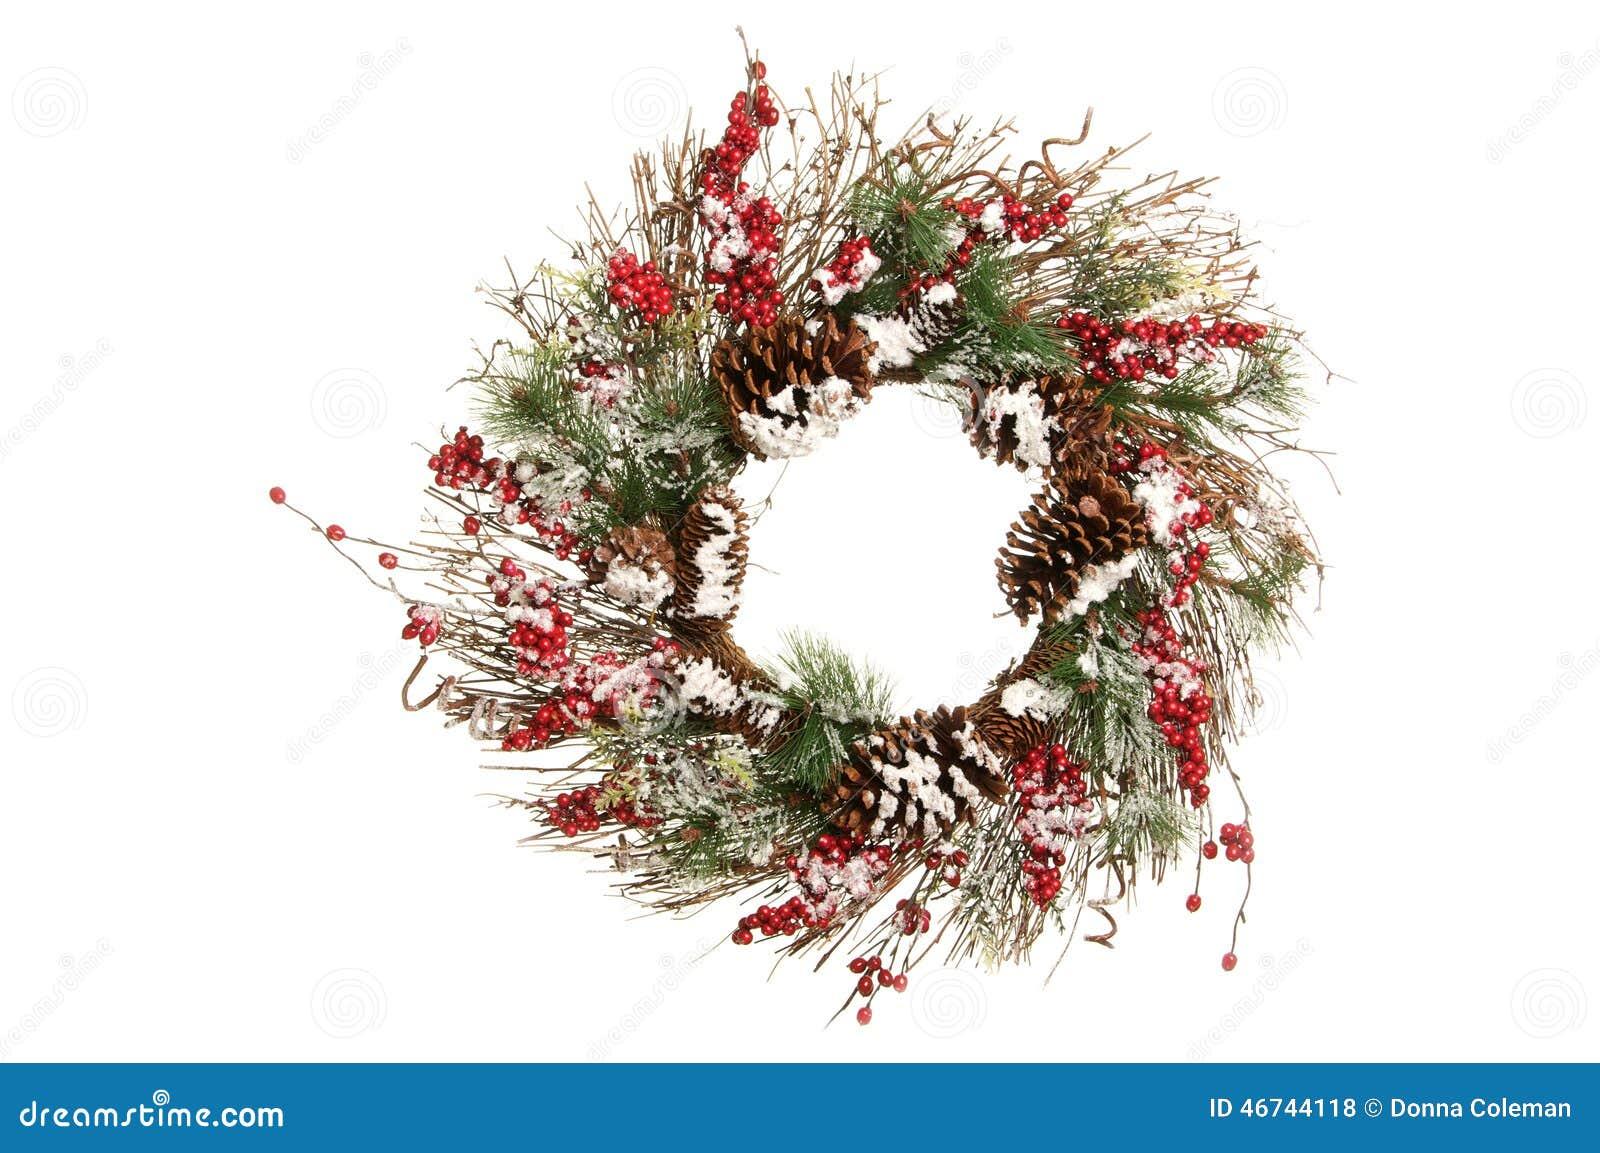 Декоративный венок рождества с ветвями, зелеными цветами и ягодами падуба